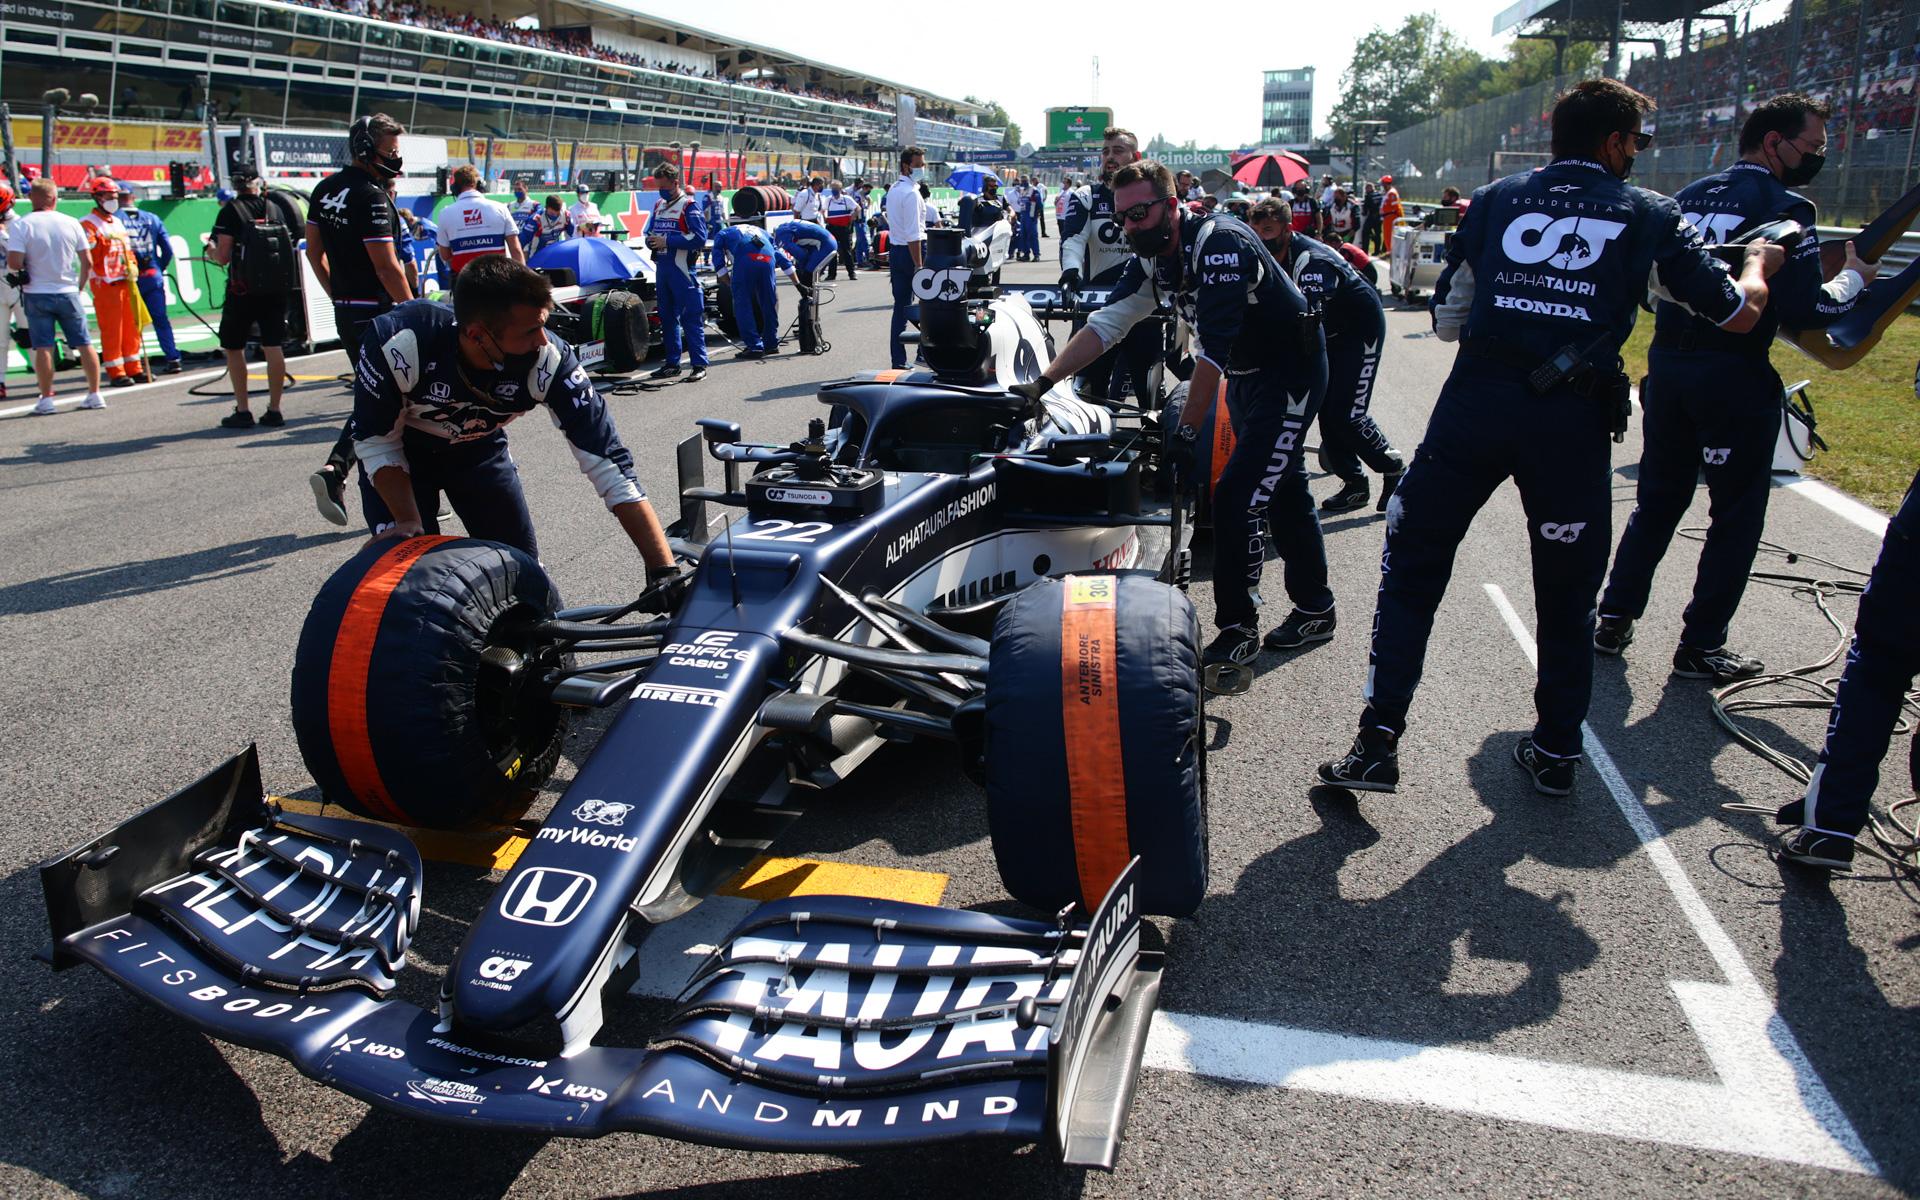 角田裕毅選手はスタート直前、ブレーキに不具合が見つかりスタートすることができなかった